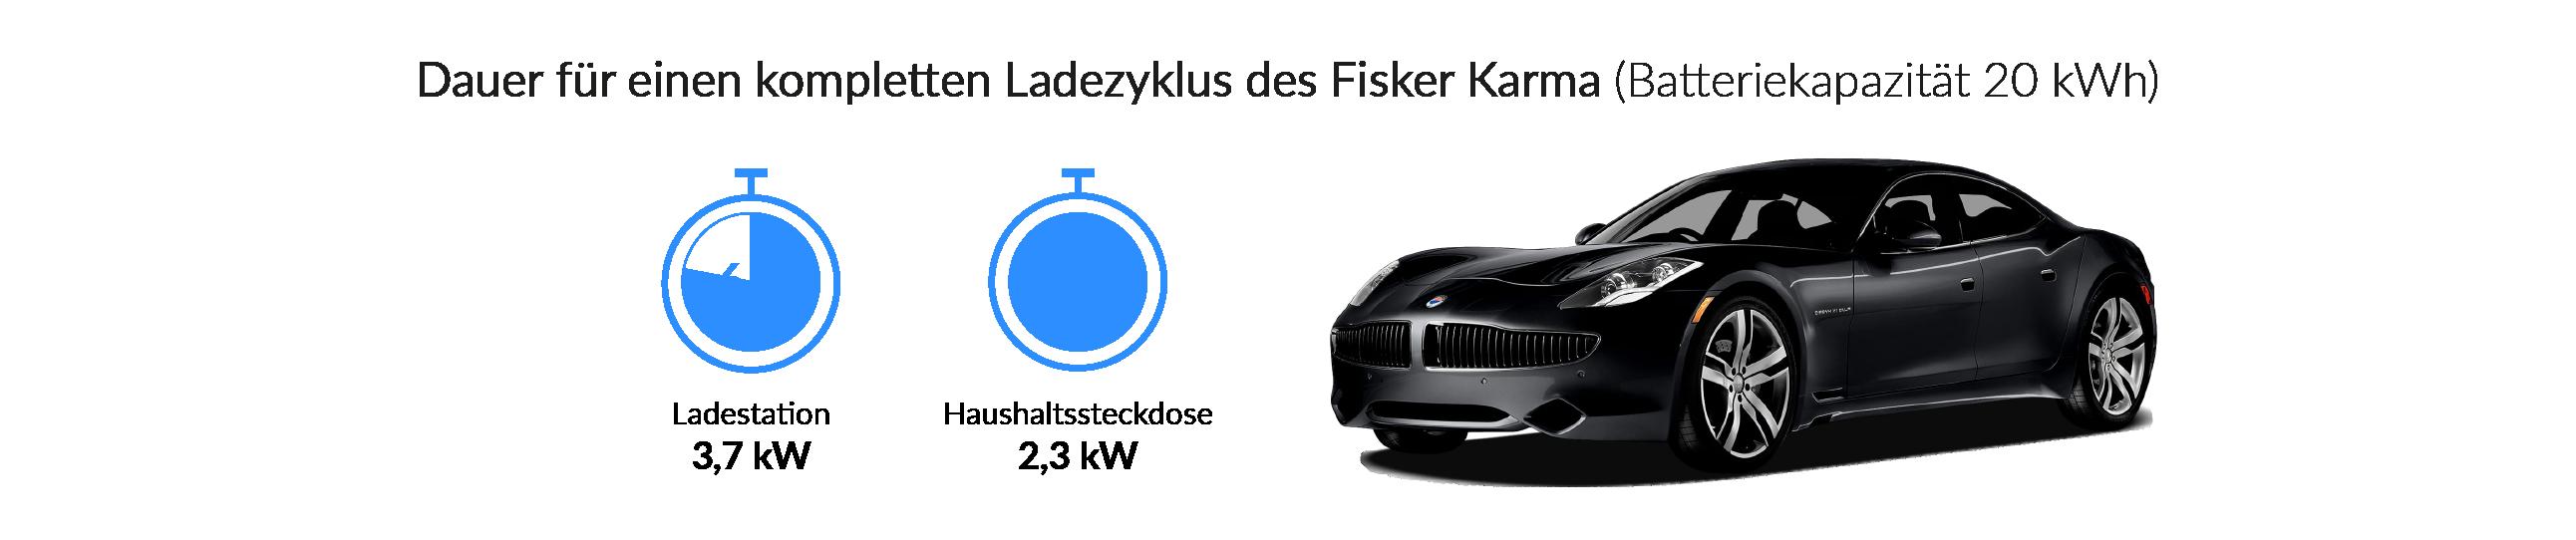 Ladezeiten des Fisker Karma